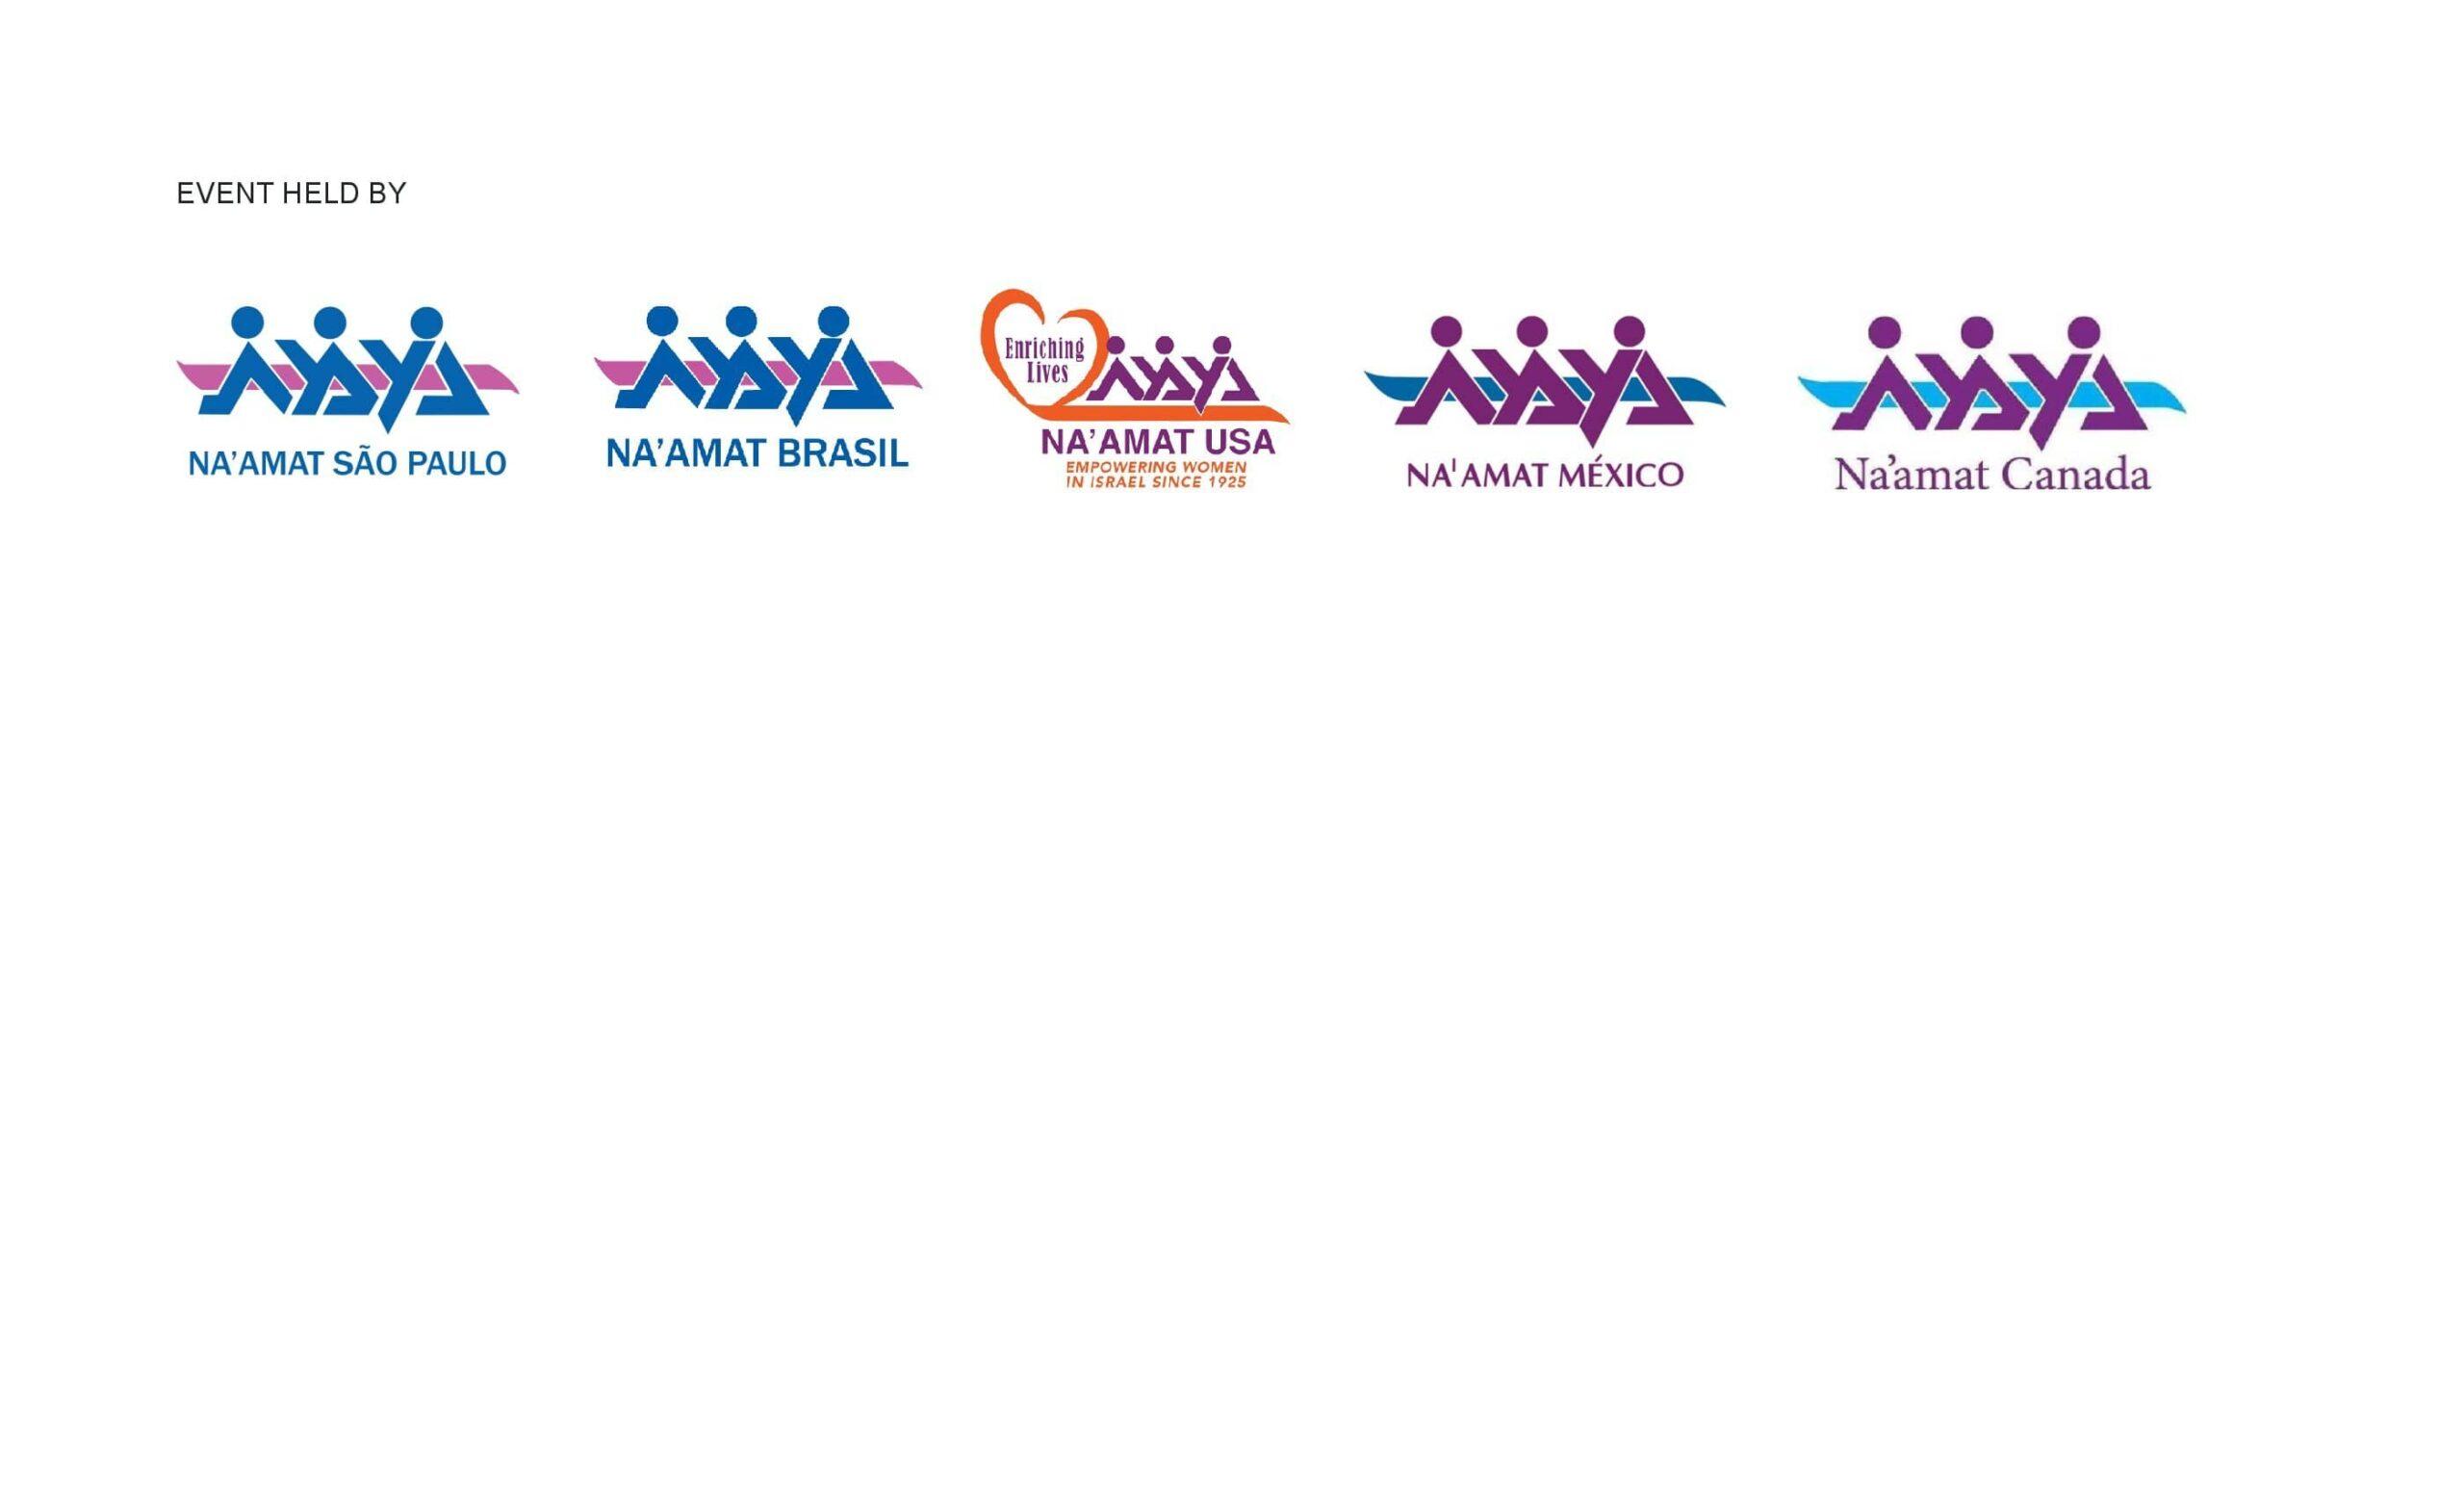 image of five logos